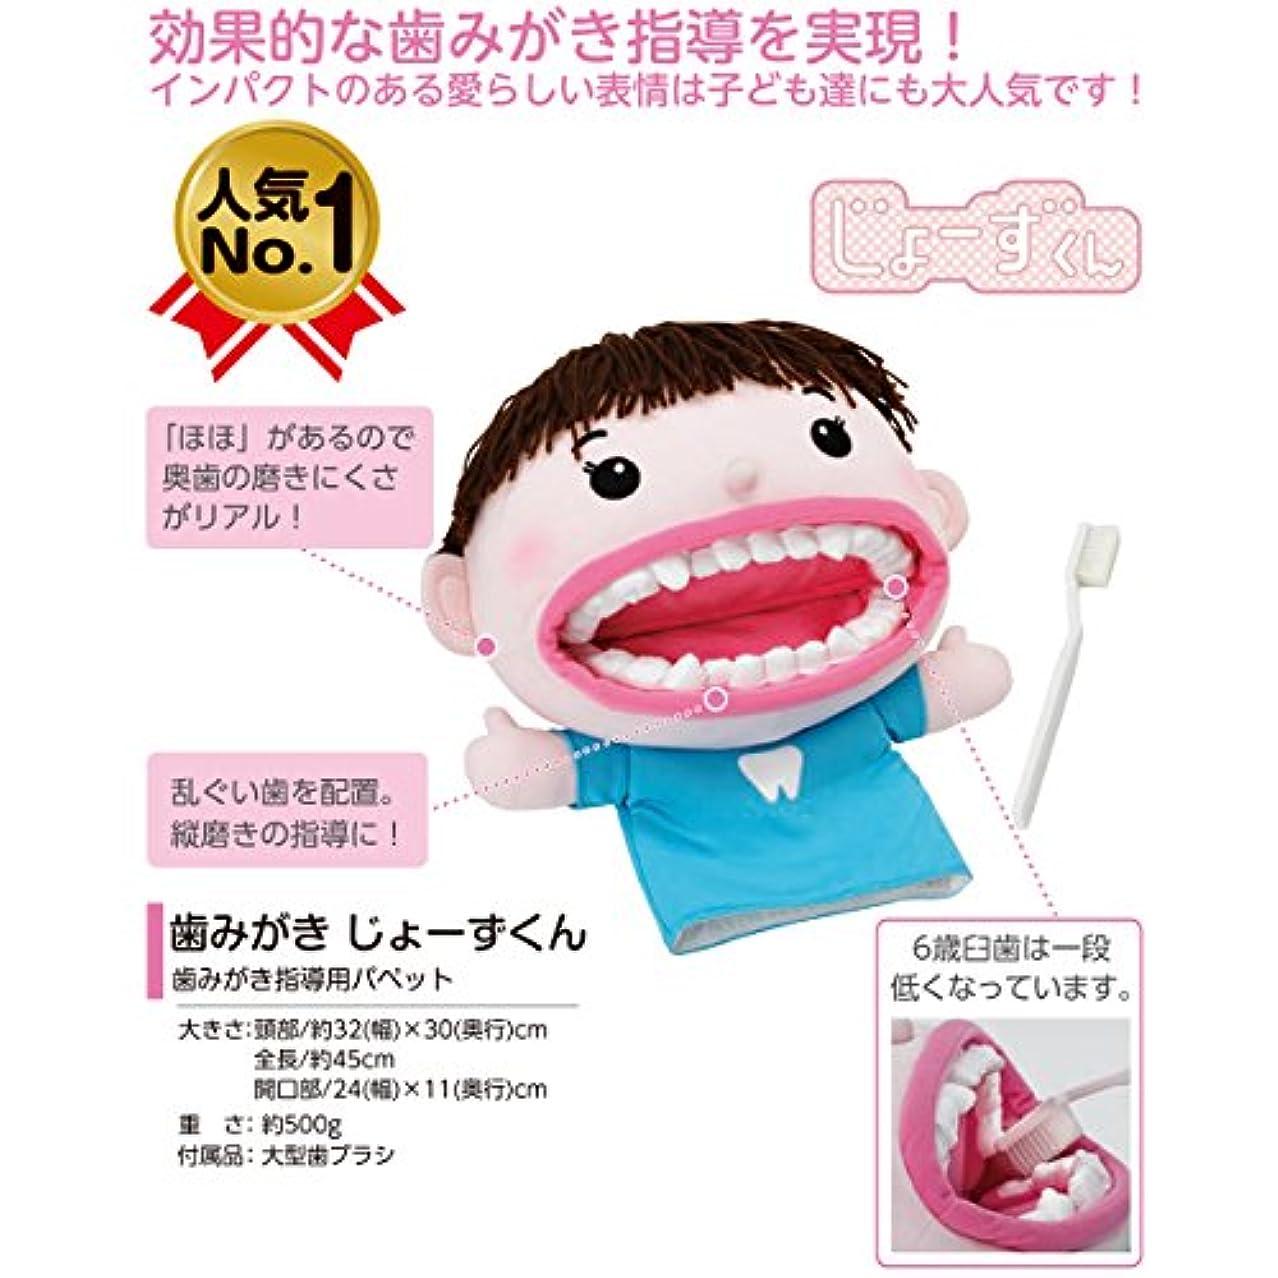 エキゾチック割合爆発歯みがき じょーずくん 歯磨き 指導用 教育用 パペット 人形 ぬいぐるみ